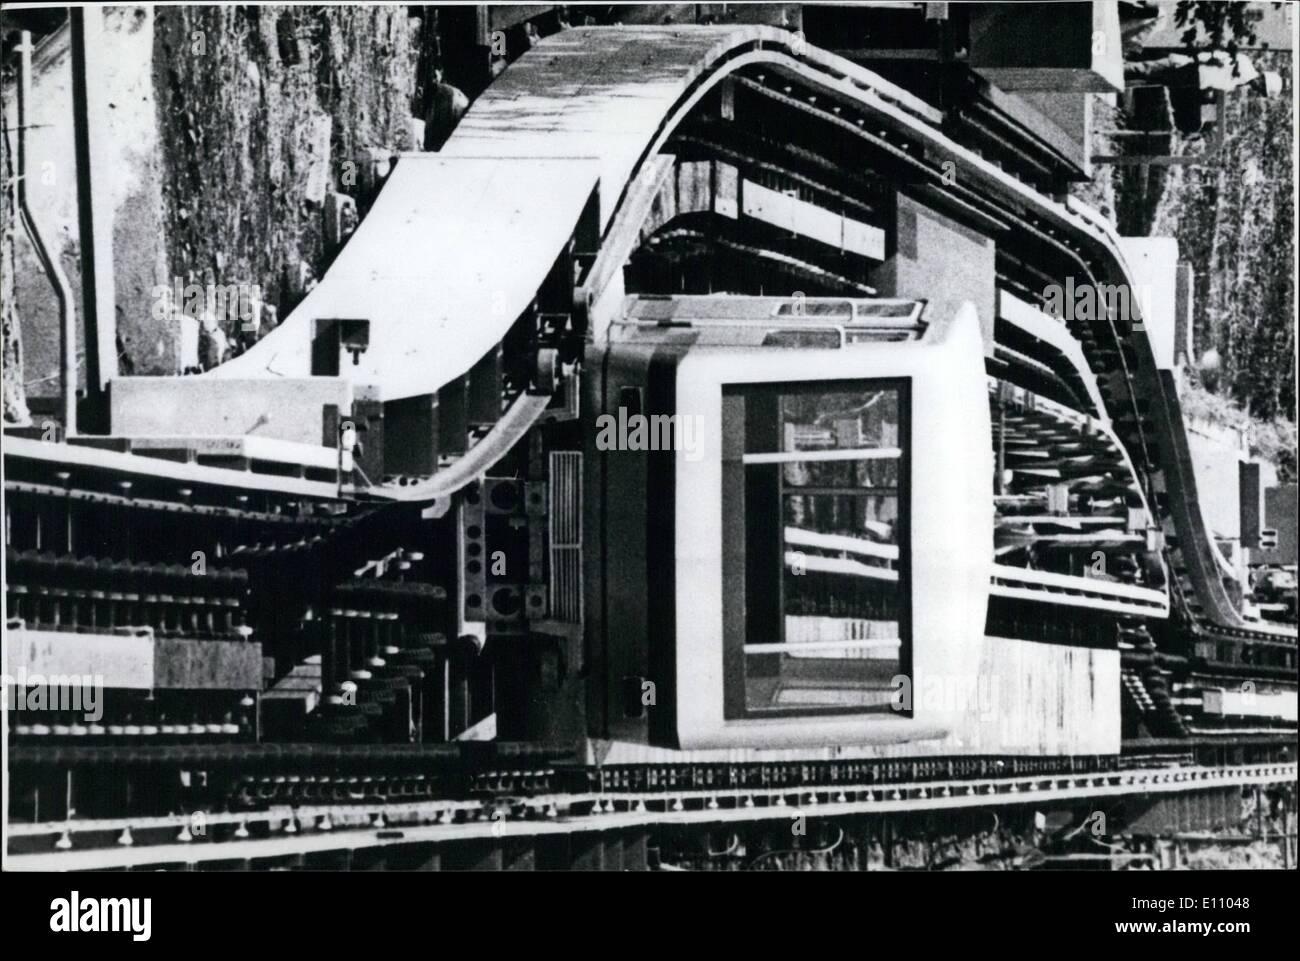 Sept. 09, 1974 - TESTS auf japanische NAHVERKEHRS-SYSTEM abgeschlossen. Das '' Beltica'' urbane Transportsystem, das viele Verkehrsprobleme lösen könnte, vollendete seine Tests in Fuchu, in der Nähe von Tokio. Das System von Toshiba, bestehend aus '' motormanless'' 20-Passagier-Kapseln die Schaltung eine Stadt, verlangsamen an Stationen automatisch, Passagiere ein- und Ausschalten durch verschiedene Türen lassen zwischen den Stationen bewegt sich schnell, macht wenig Lärm und hat geringe Vibrationen. Die Kapseln erreicht eine Geschwindigkeit von 24km/h und bis zu 2,4 km/h bei Stationen verlangsamt Stockbild